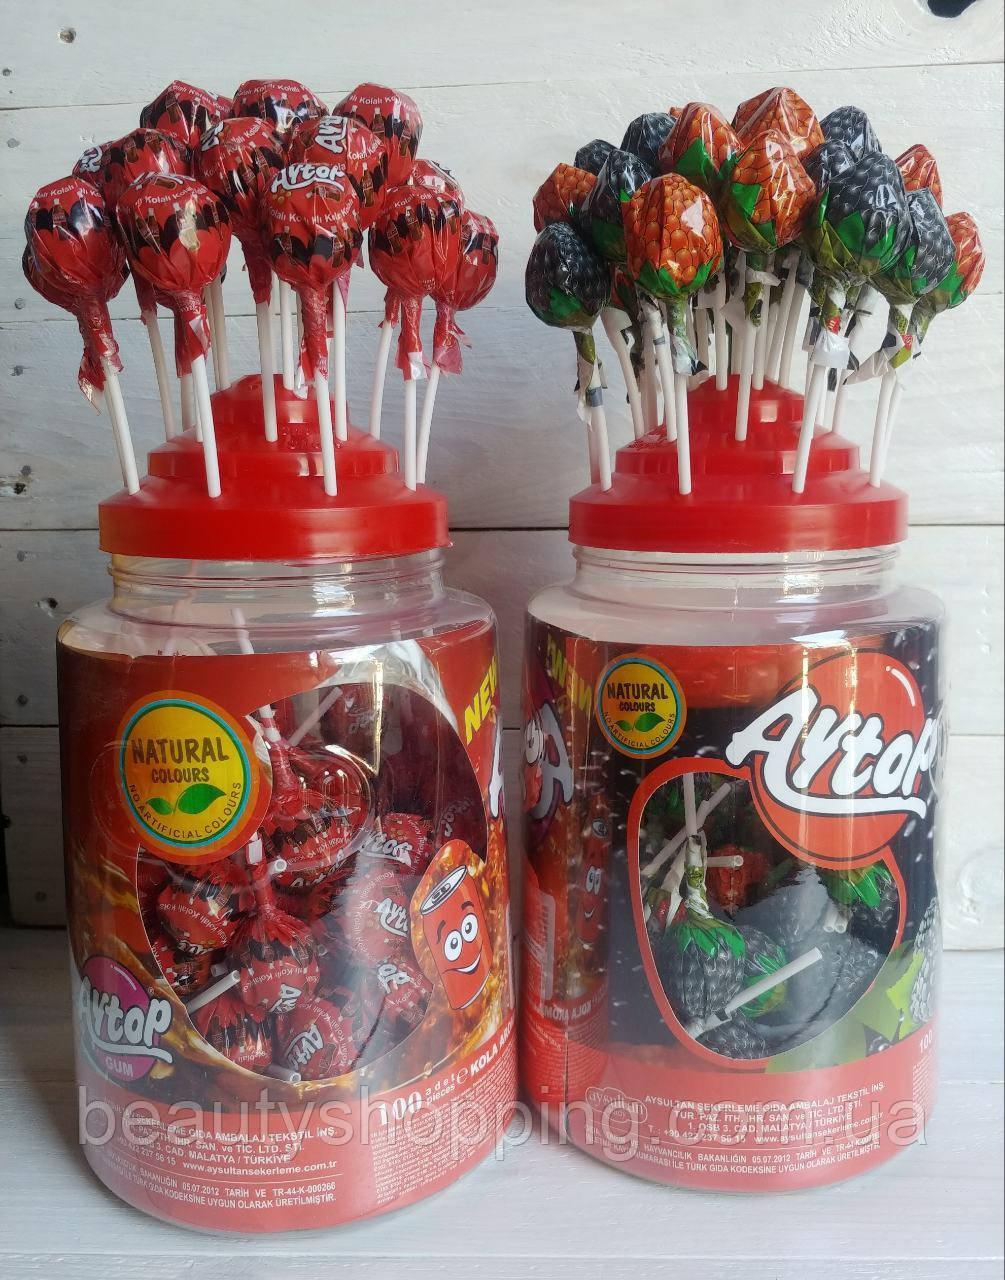 Aysultan Aytop леденцы на палочке со вкусом колы и лесных ягод 200 штук Турция Акция